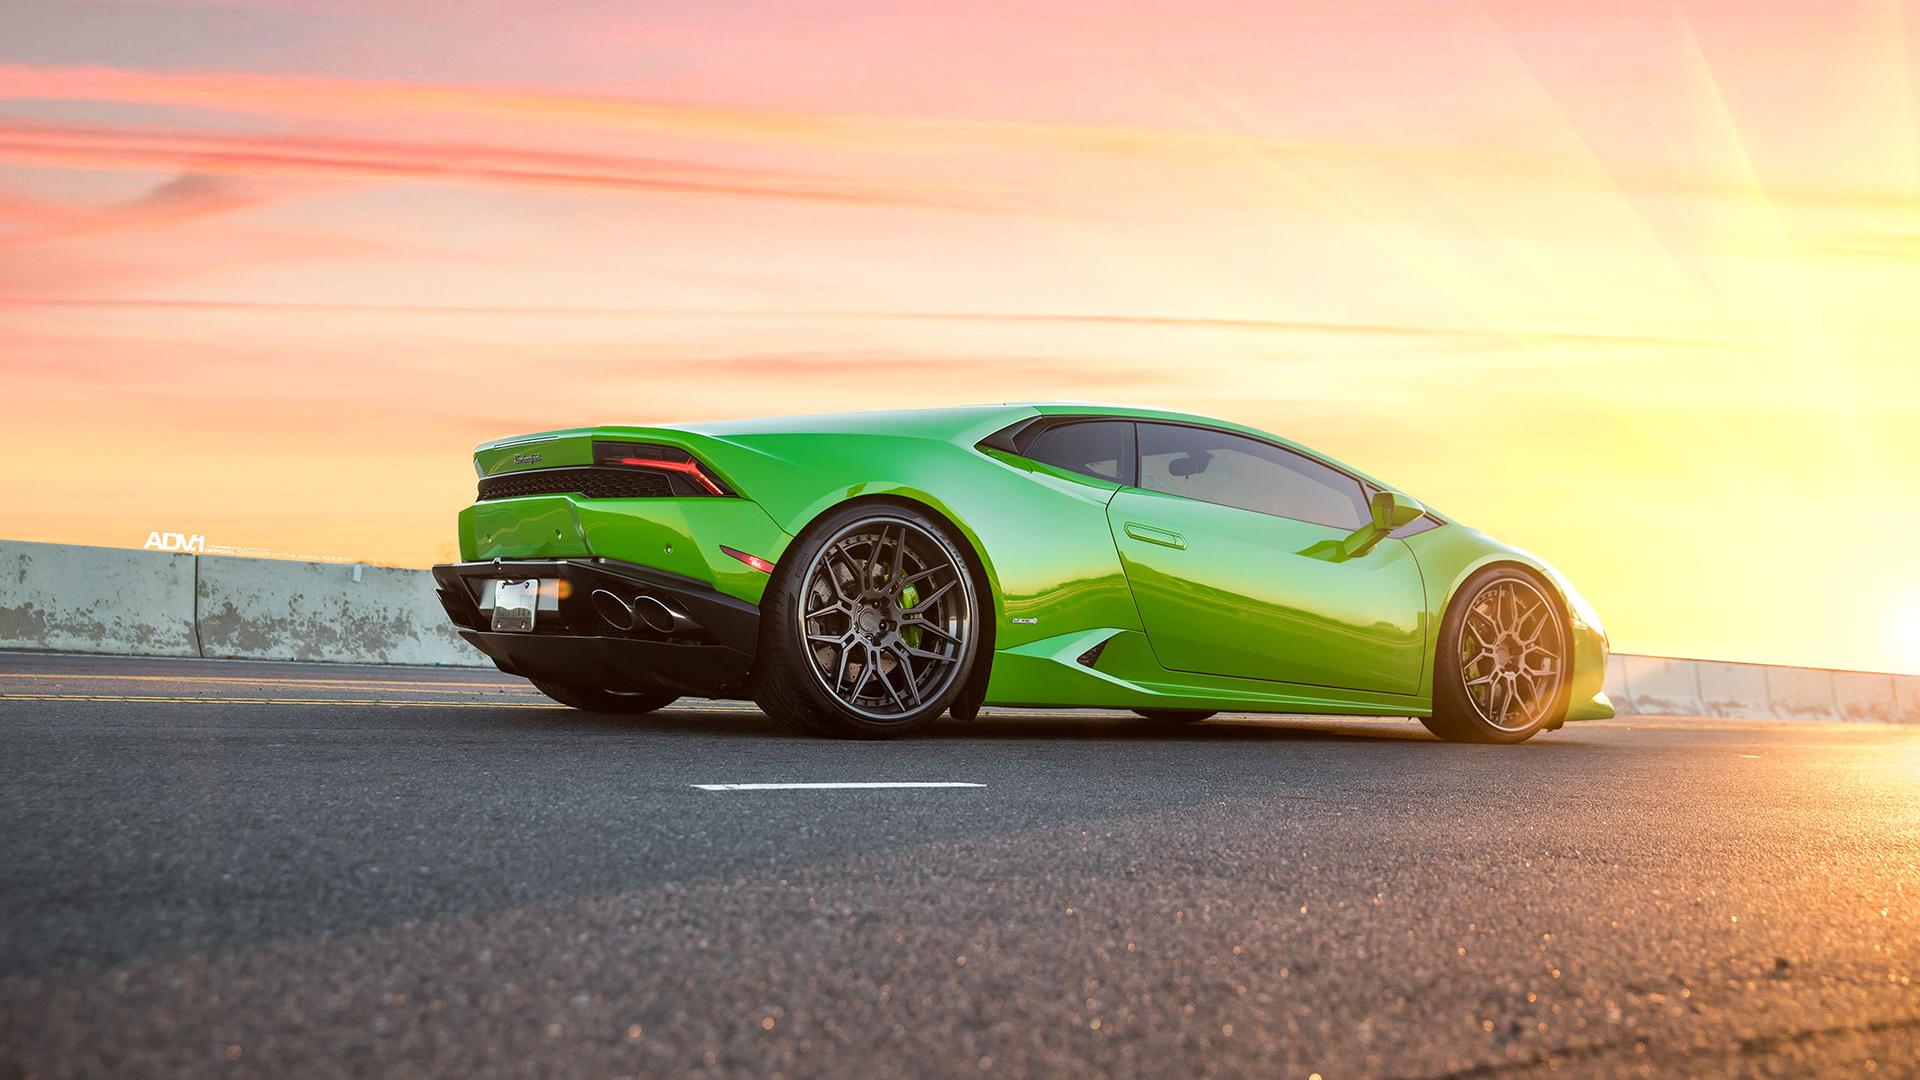 Verde Mantis Green Lamborghini Huracan Lp610 4 2 Wallpaper Hd Car Wallpapers Id 9478